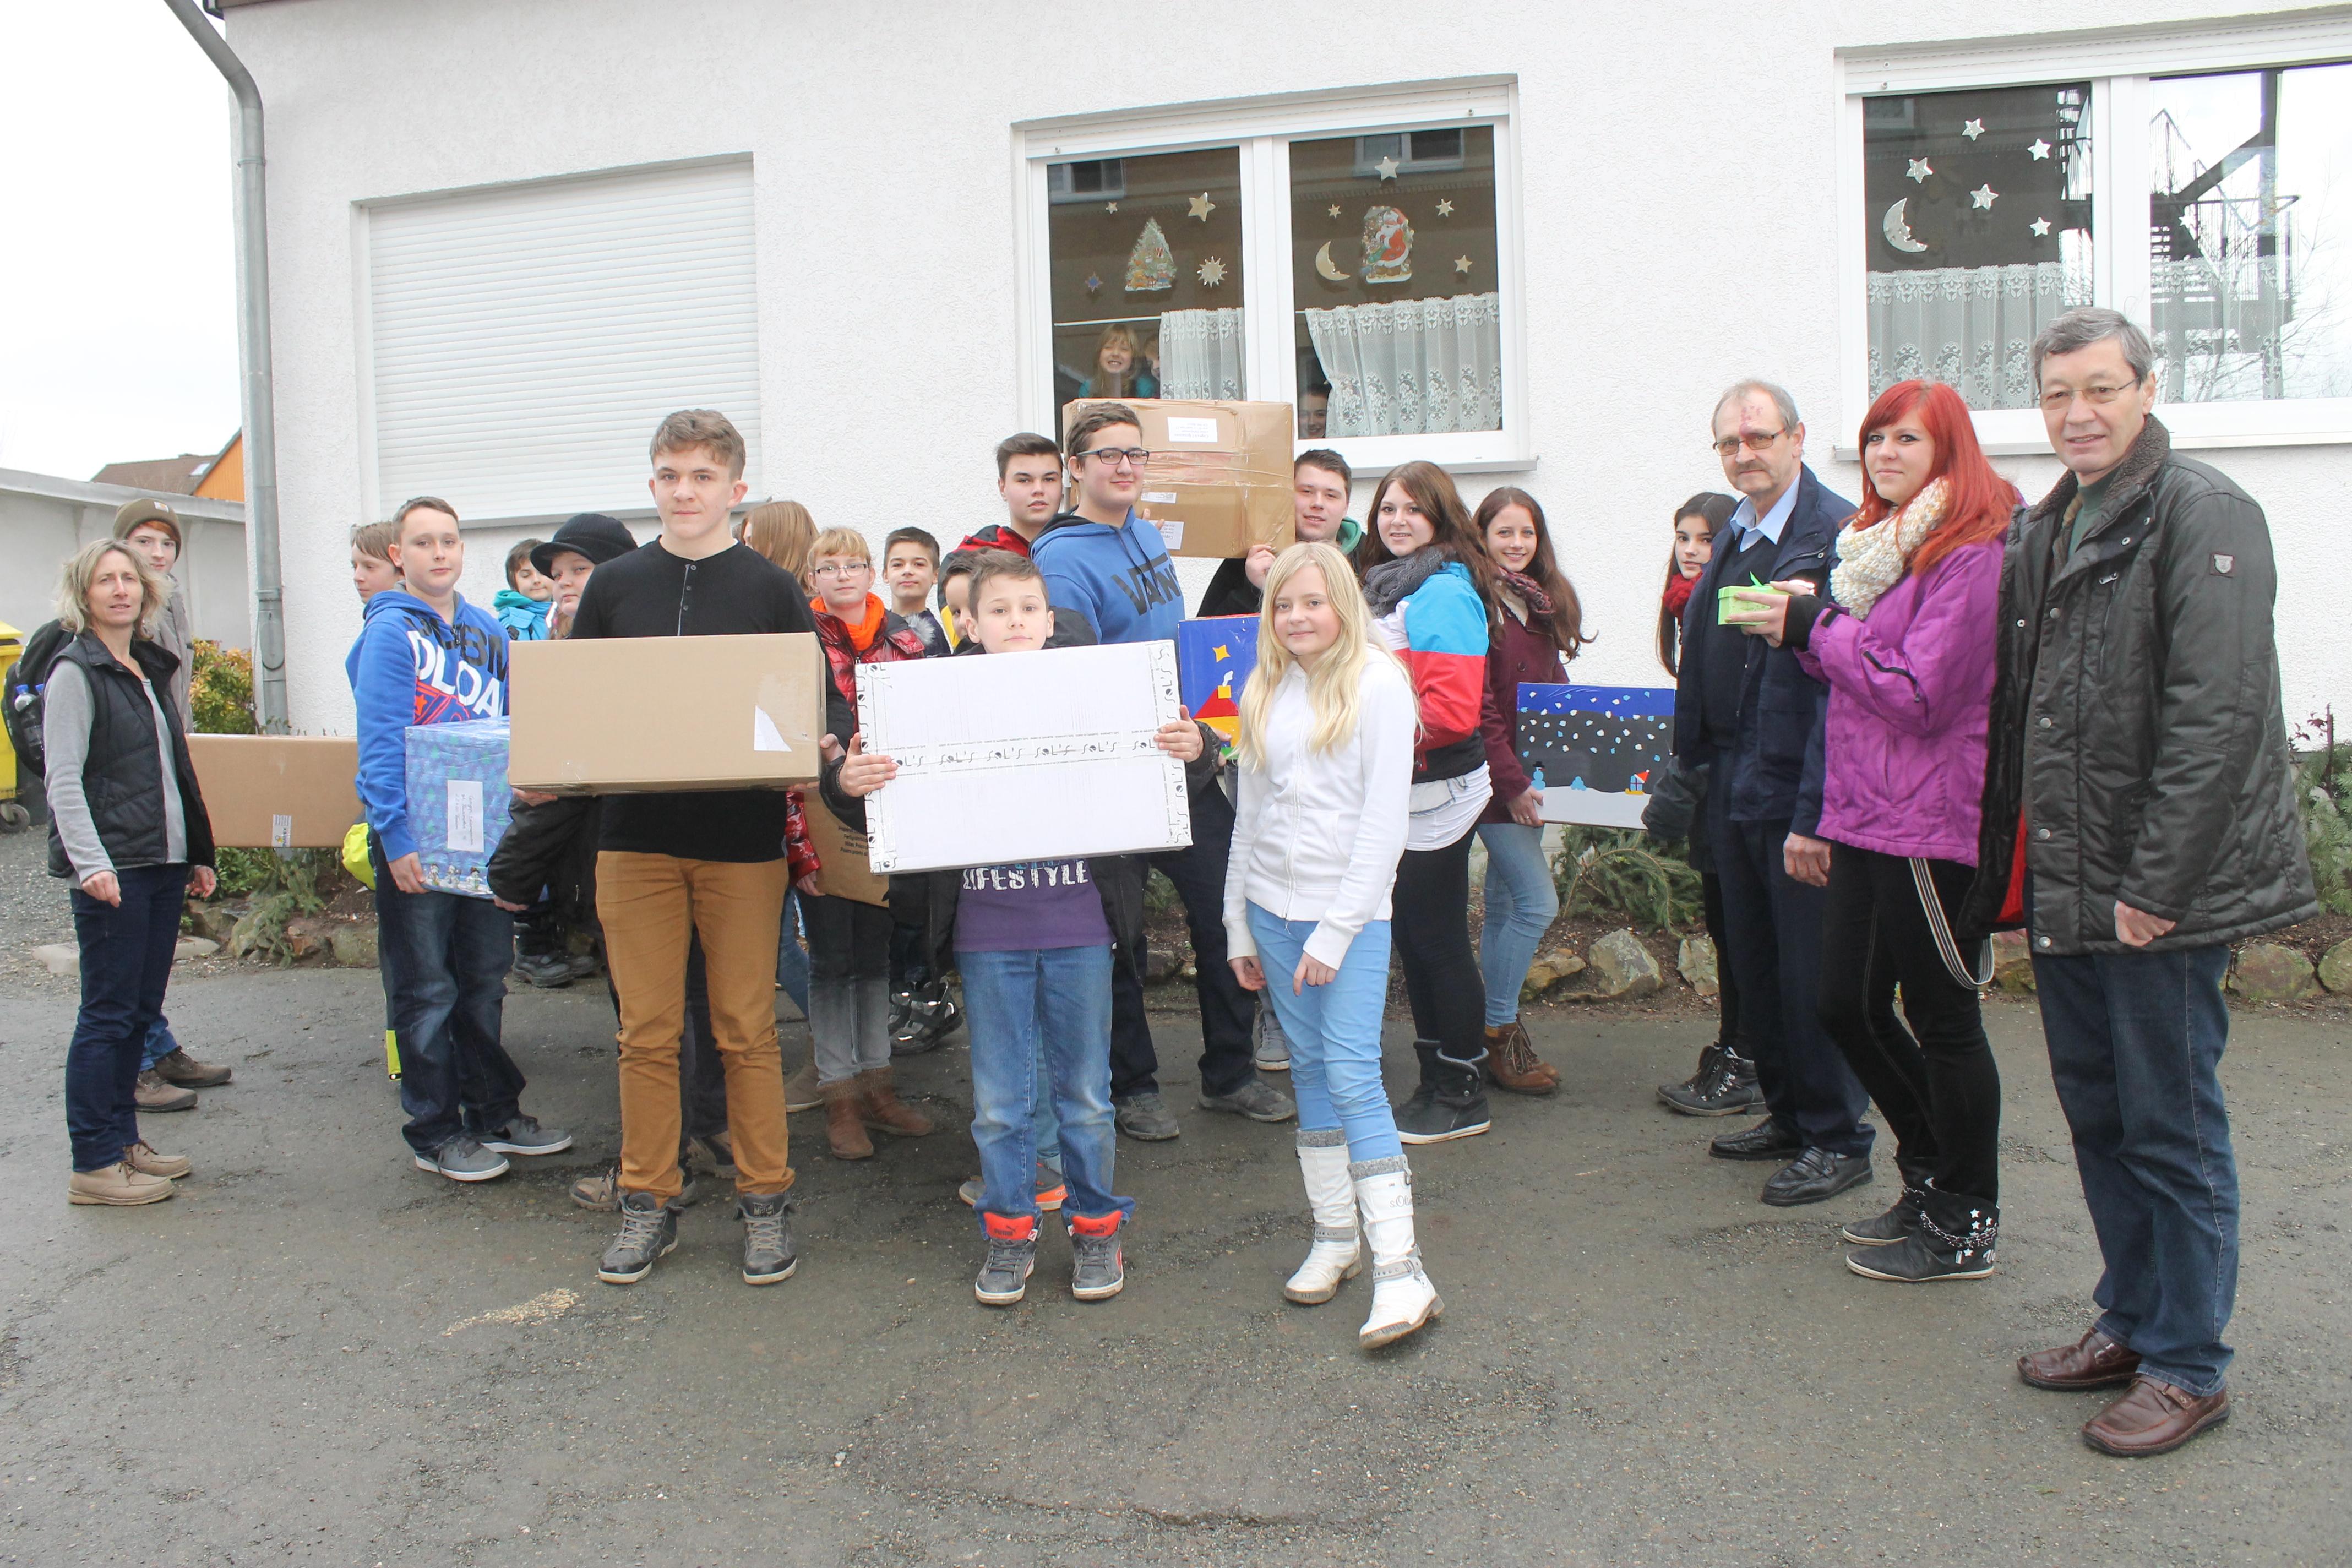 Ulrich Jetschke und Christian Wonitzki übernehmen die Familienpakete, die - wie viele Jahre schon - von Schülern der Freien Regelschule Reudnitz gepackt werden.